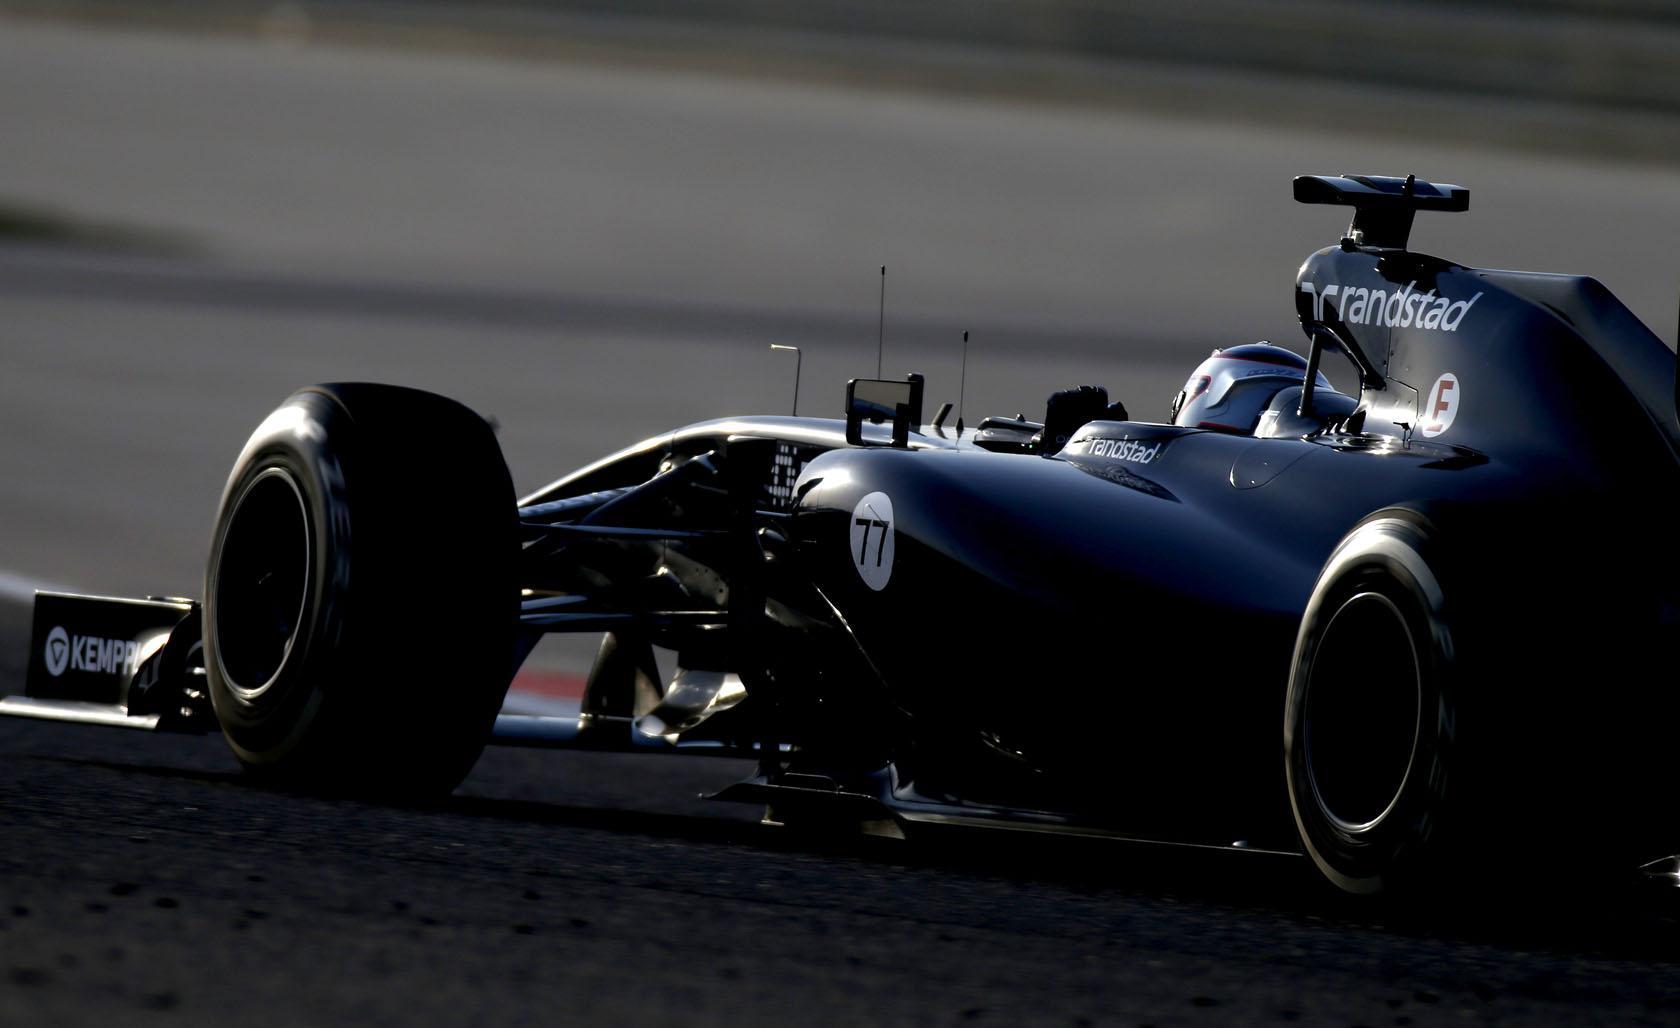 Úgy szólt a Williams, mint egy számítógépes játék: Massa felvétele